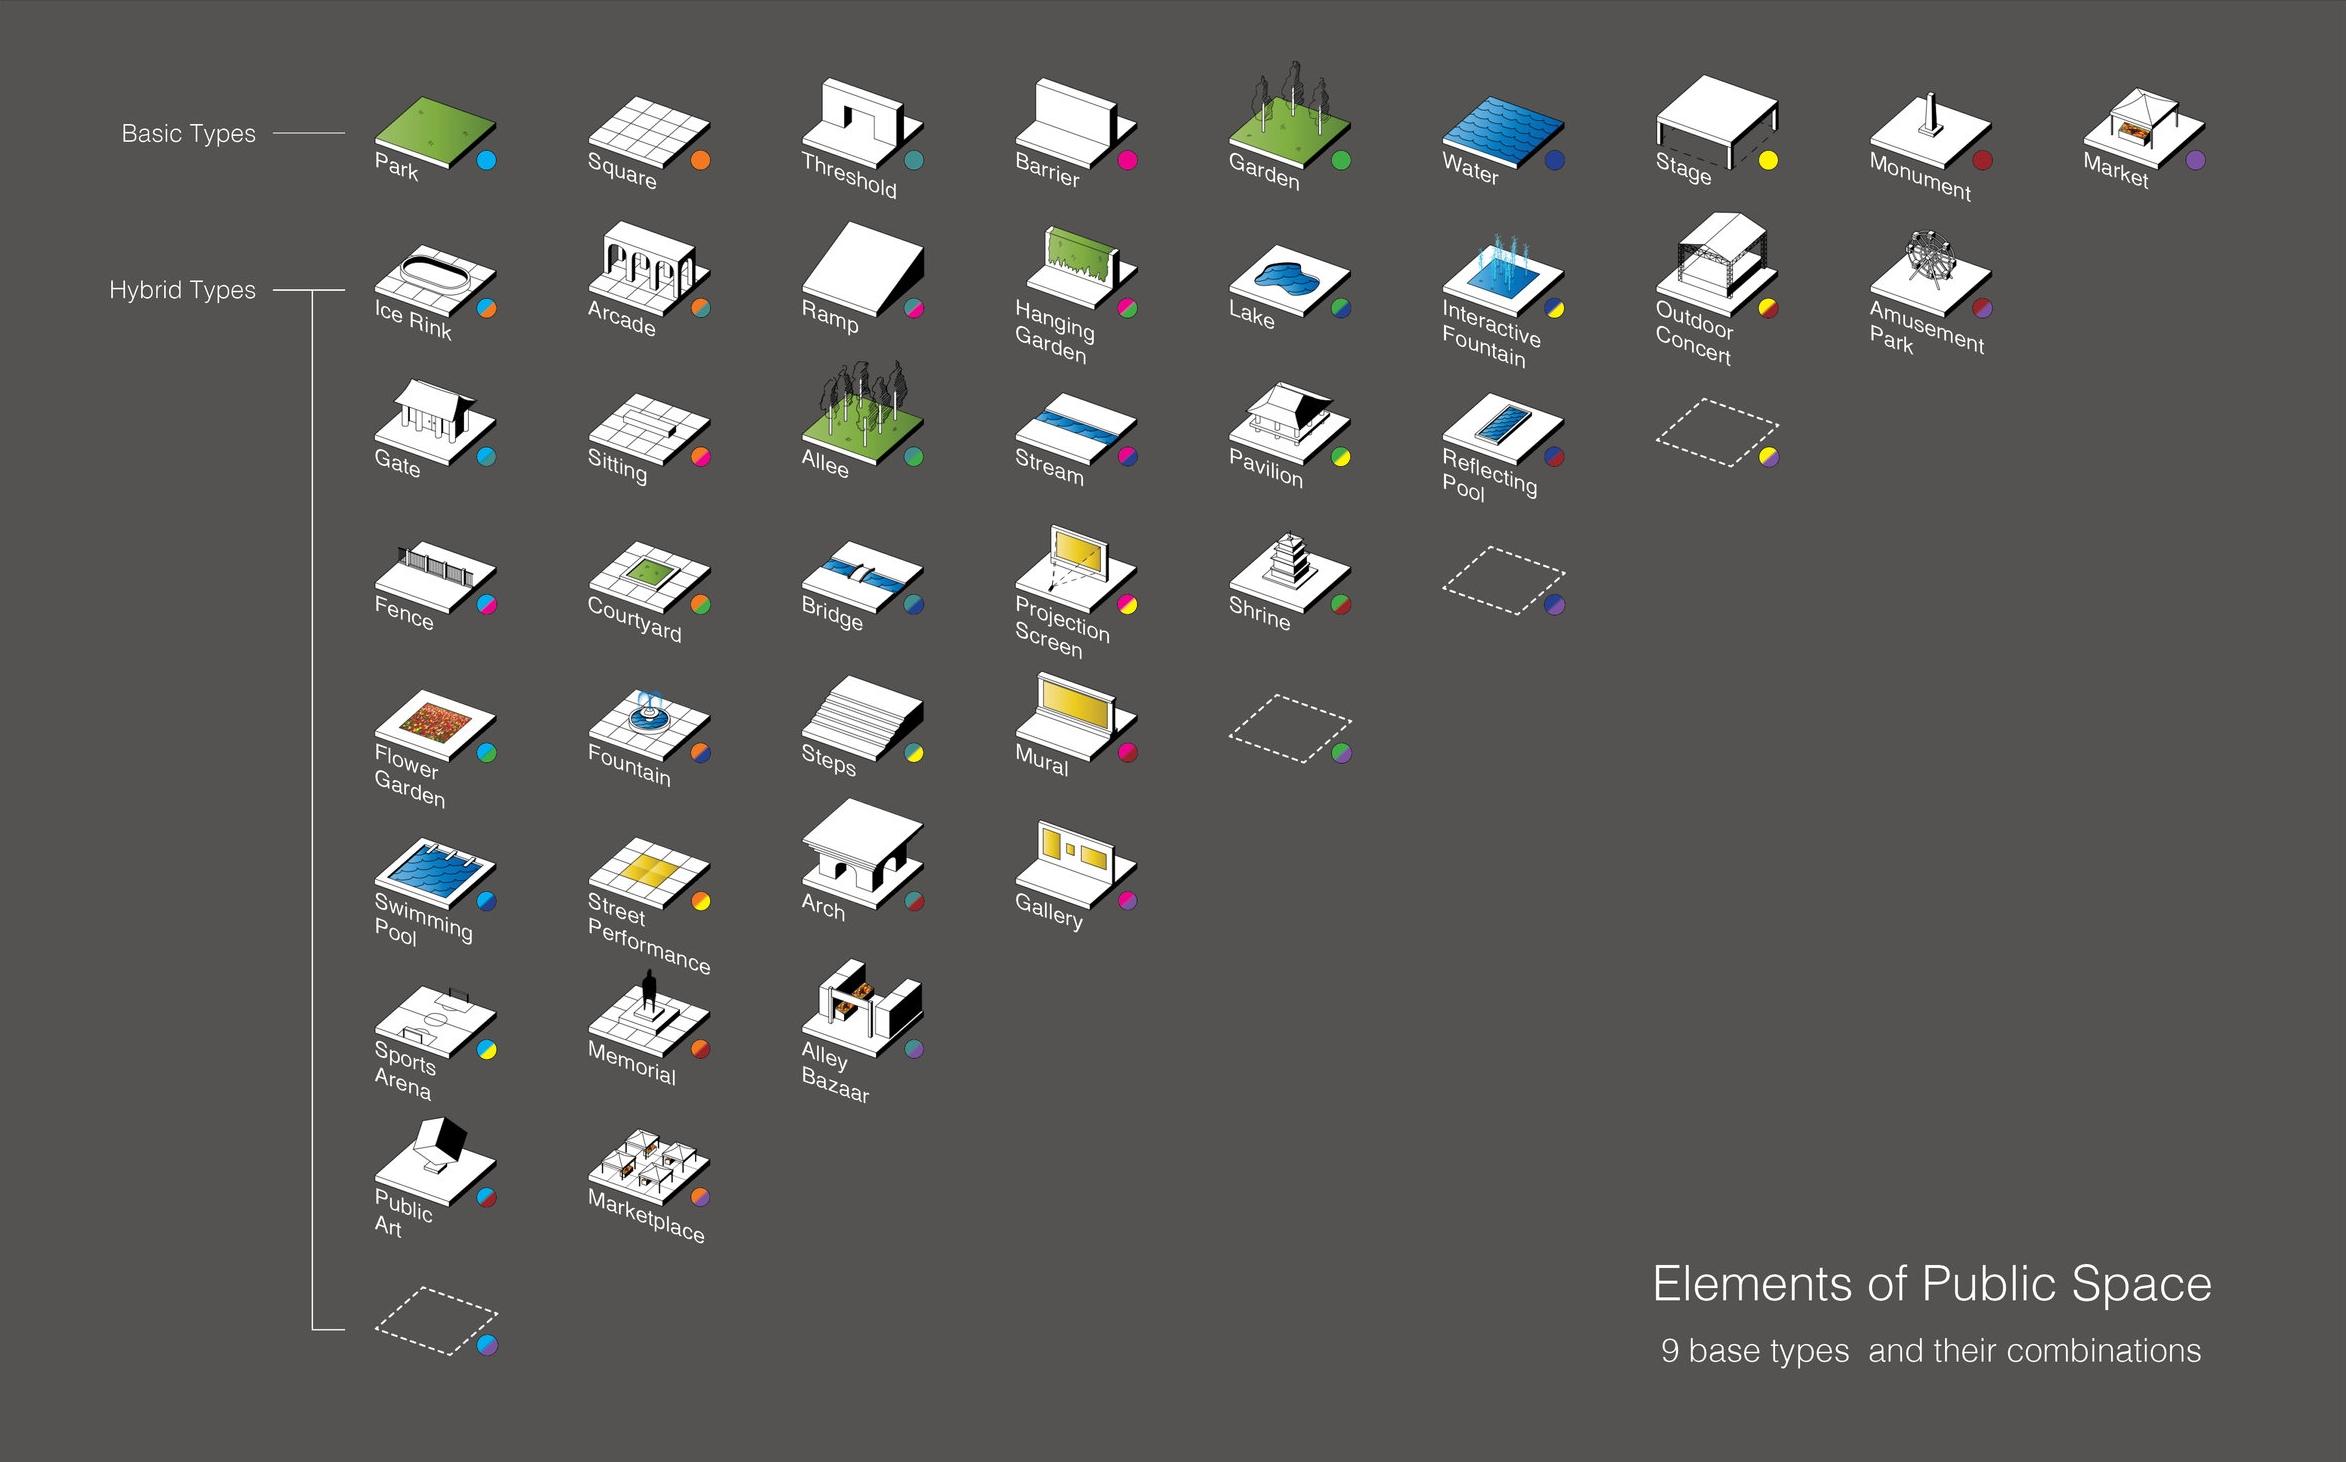 Public Space Elements.jpg